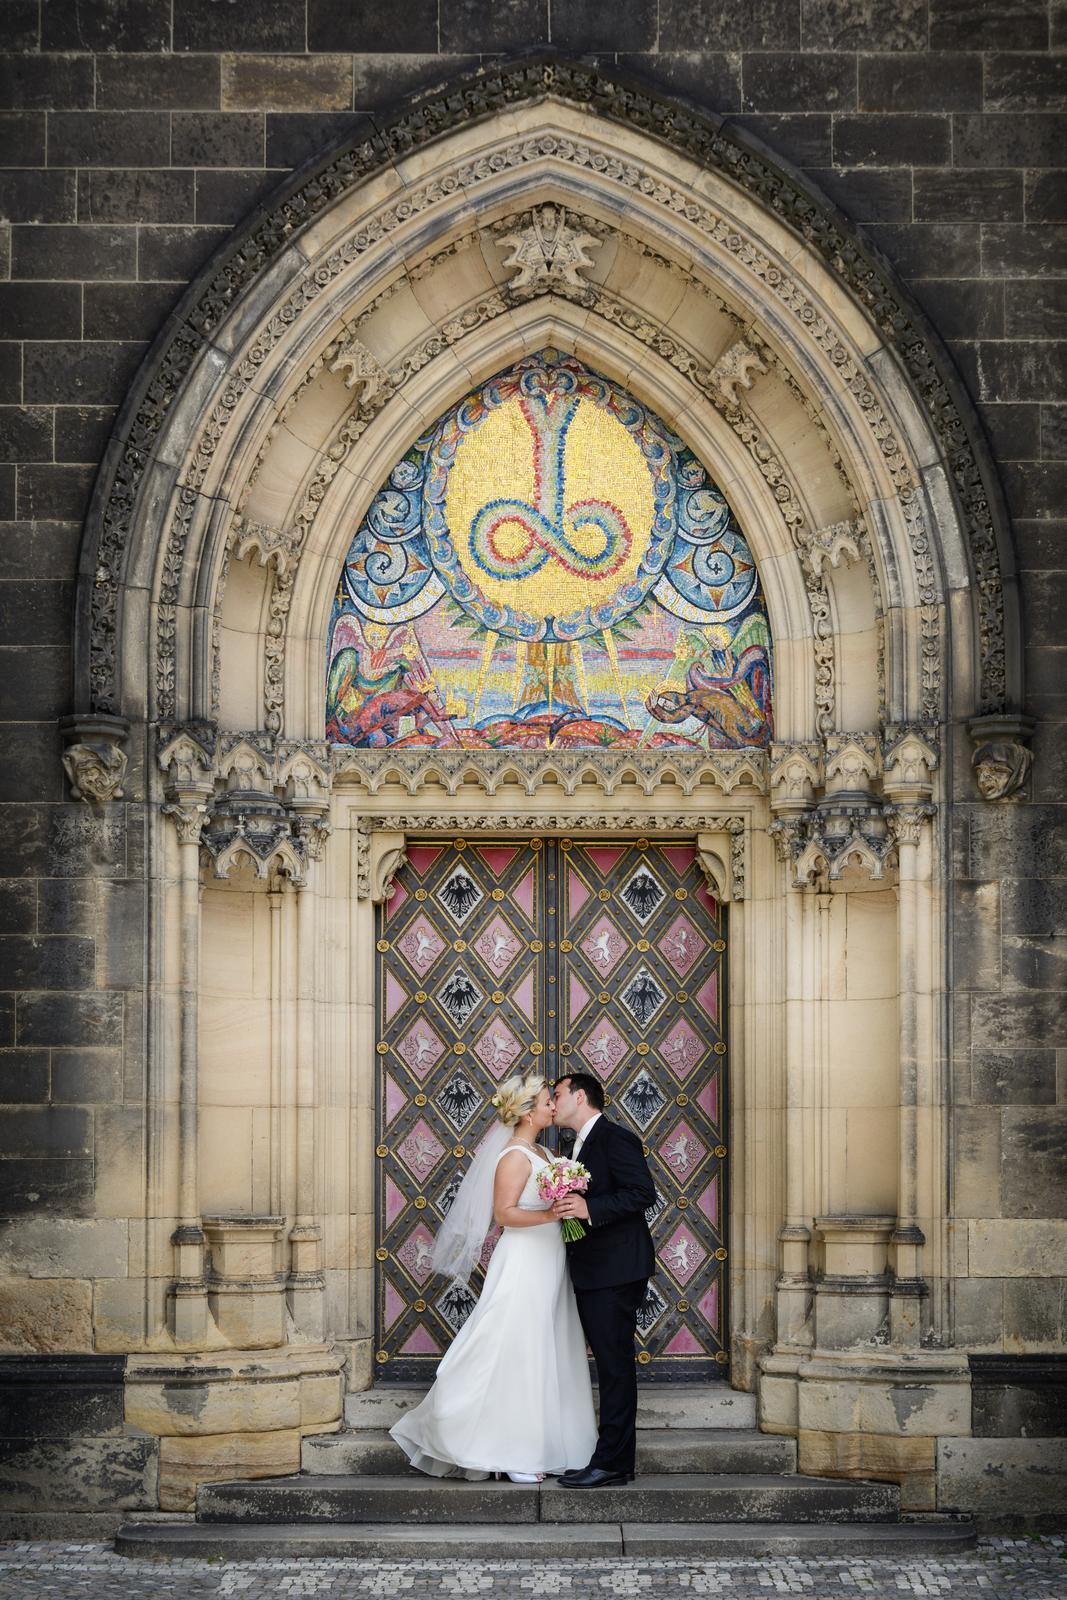 Svatební fotograf Karel Královec - kralovecphoto - Obrázek č. 50